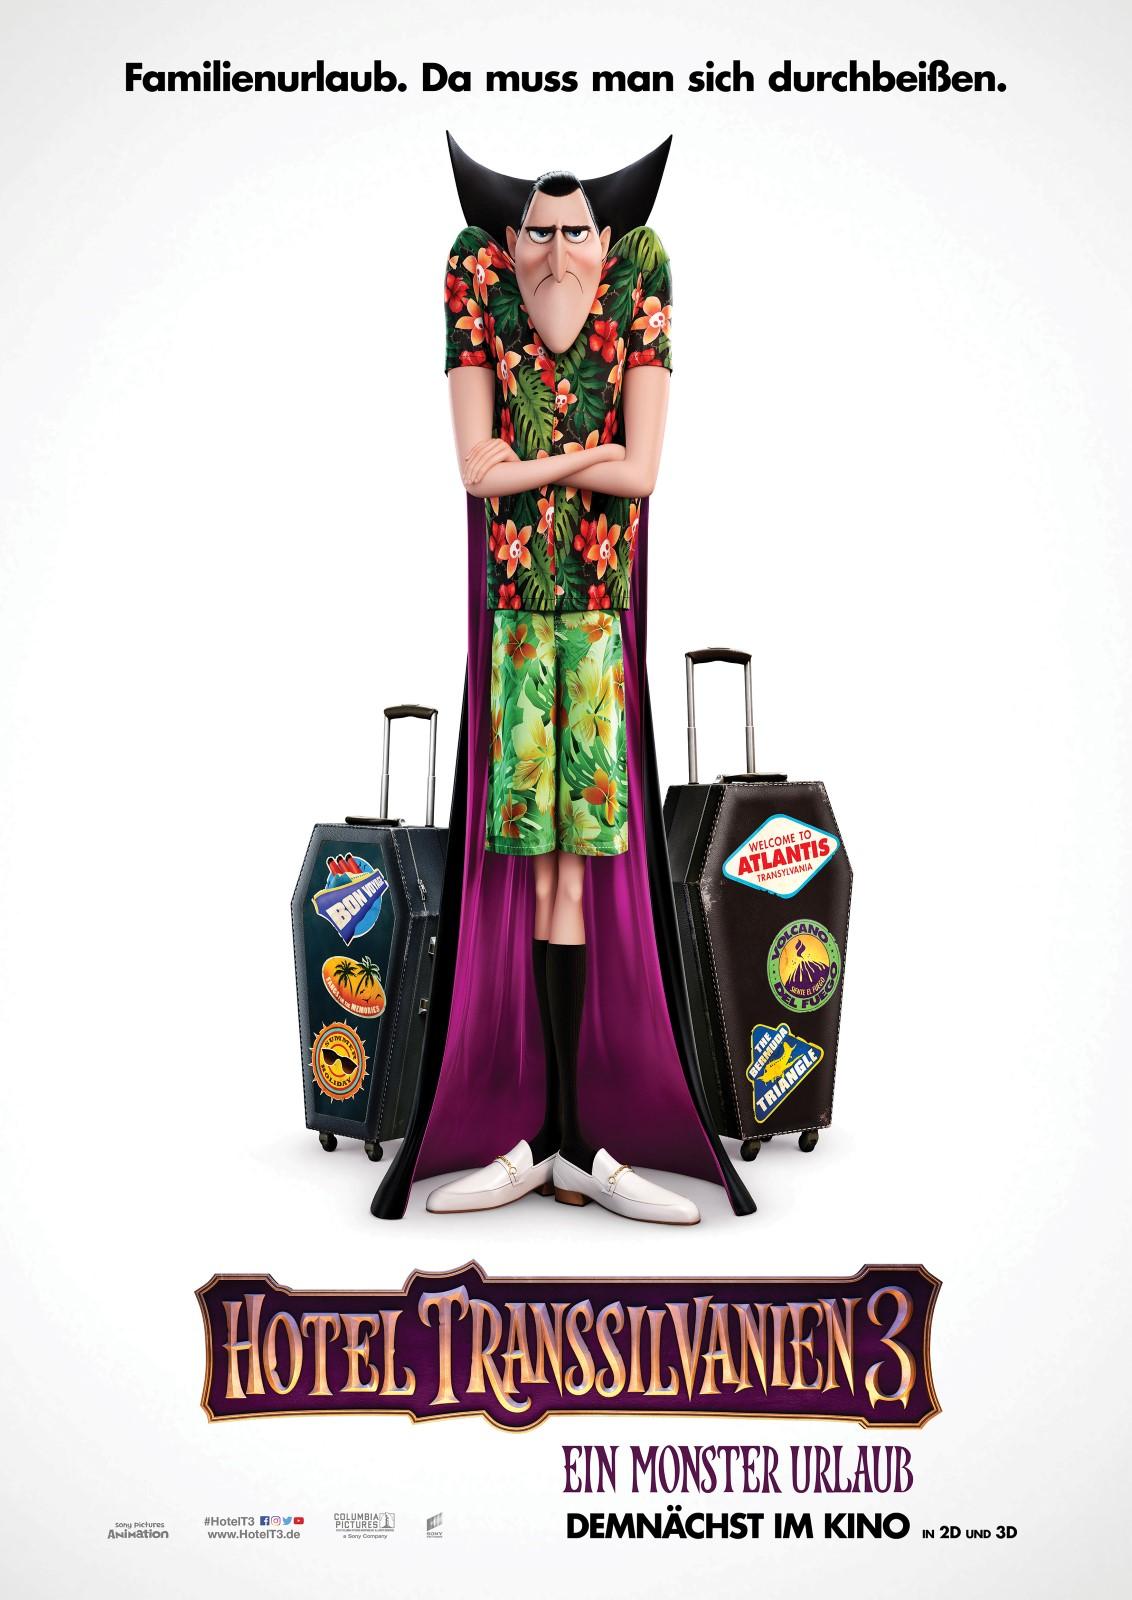 Hotel Transsilvanien 3 Deutsche Synchronsprecher